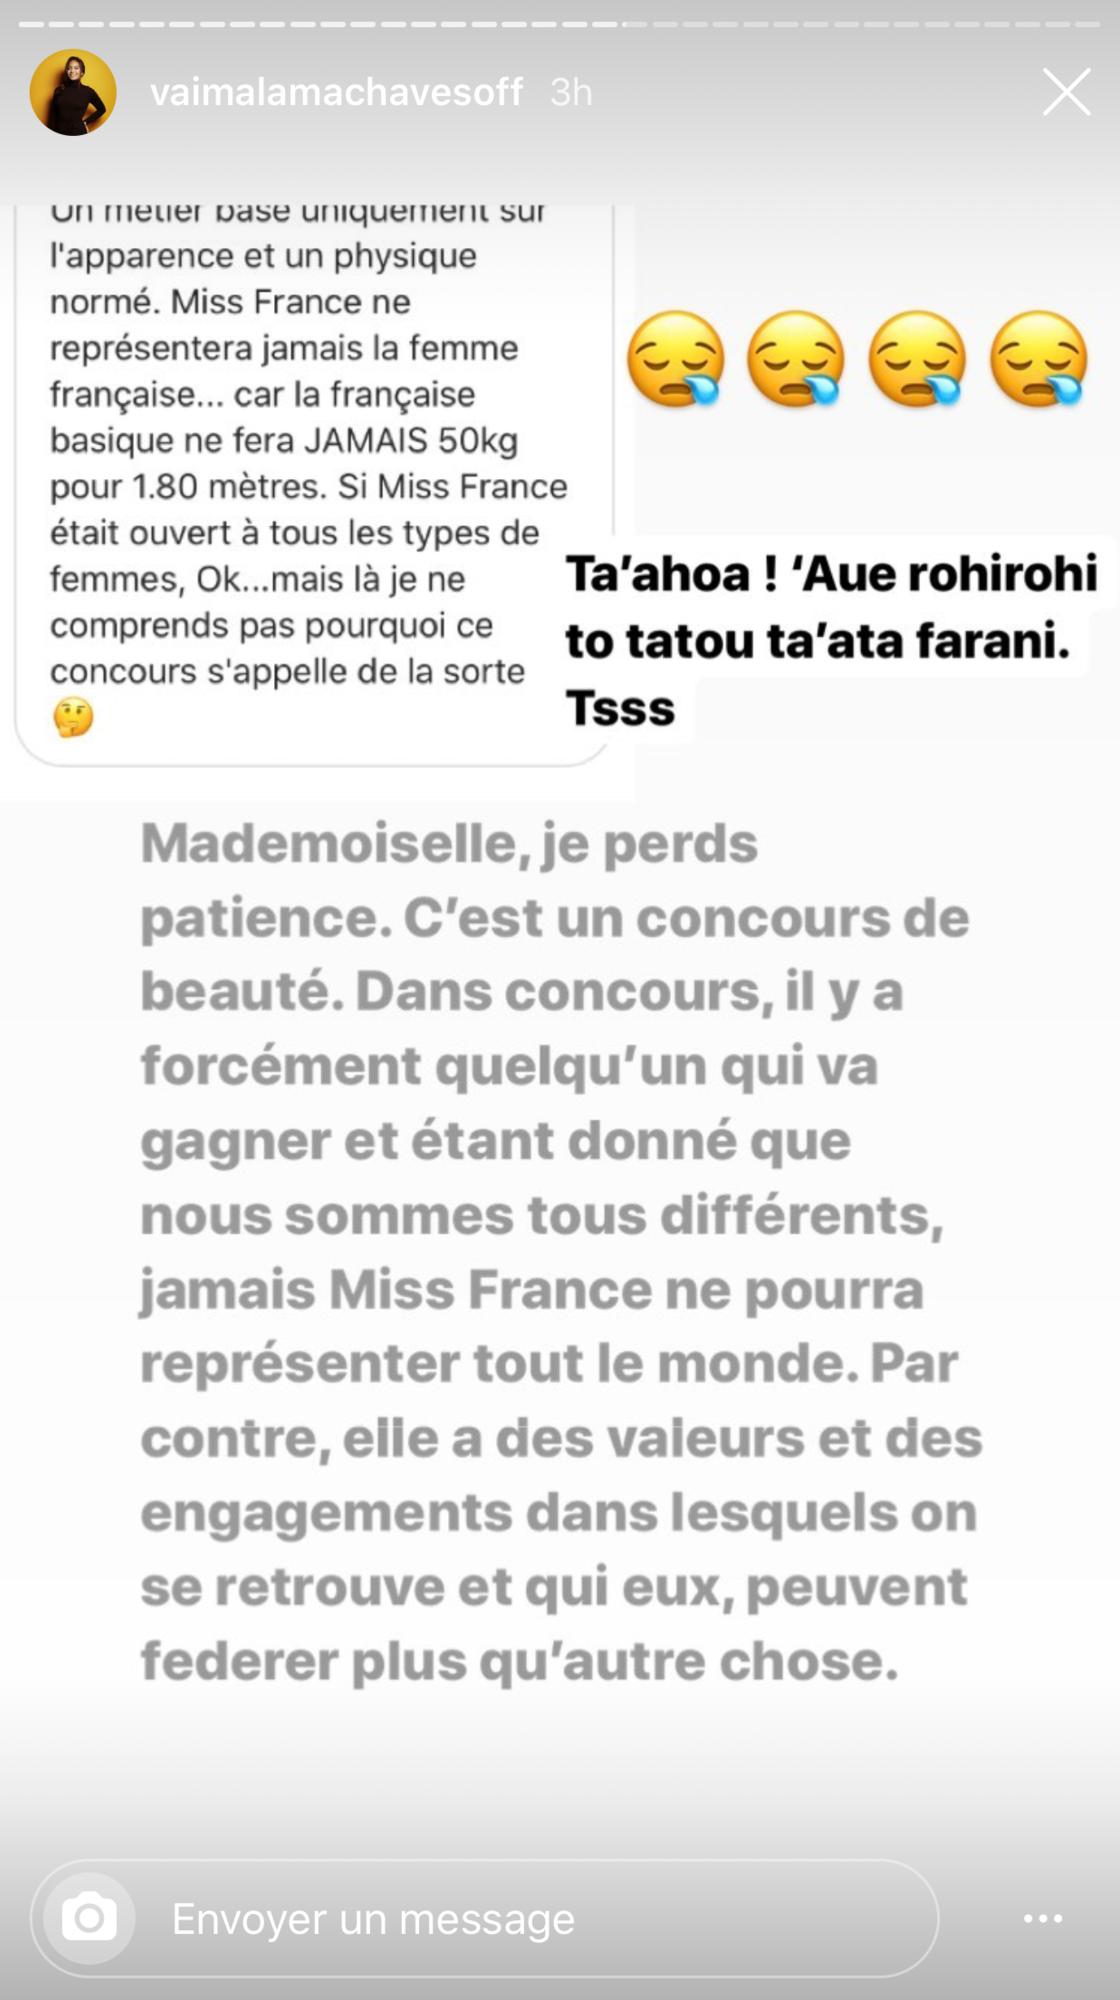 Miss France 2020 : Vaimalama Chaves « perd patience » face aux critiques et pousse un coup de gueule